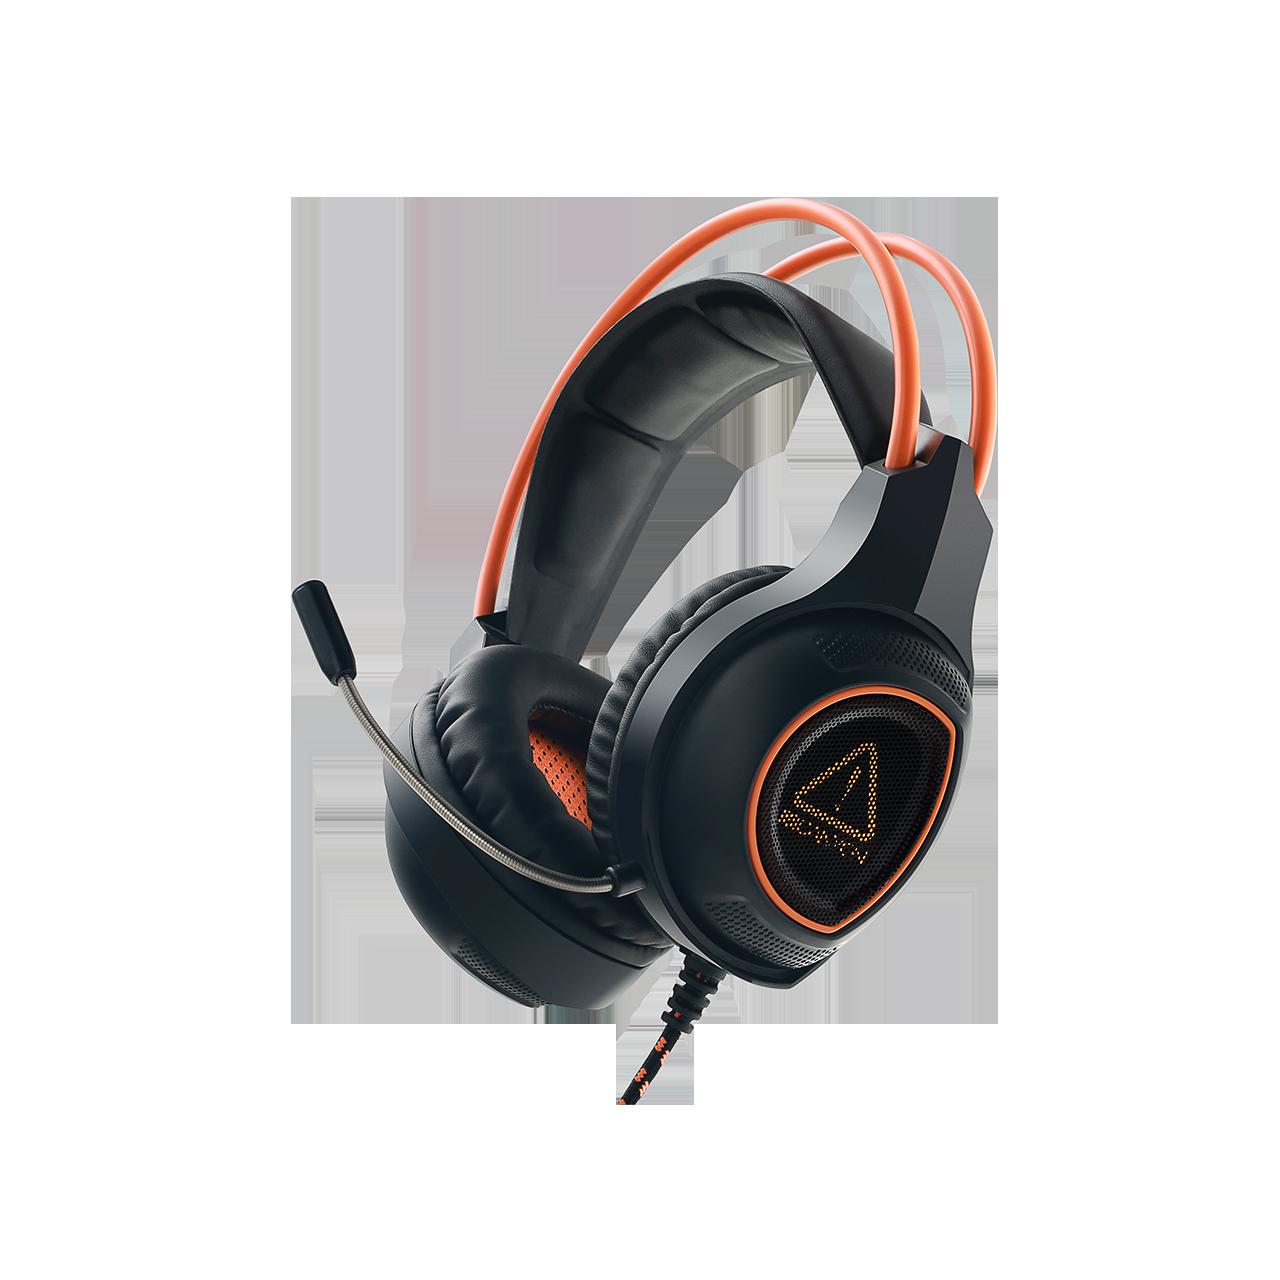 Canyon Gaming Headset